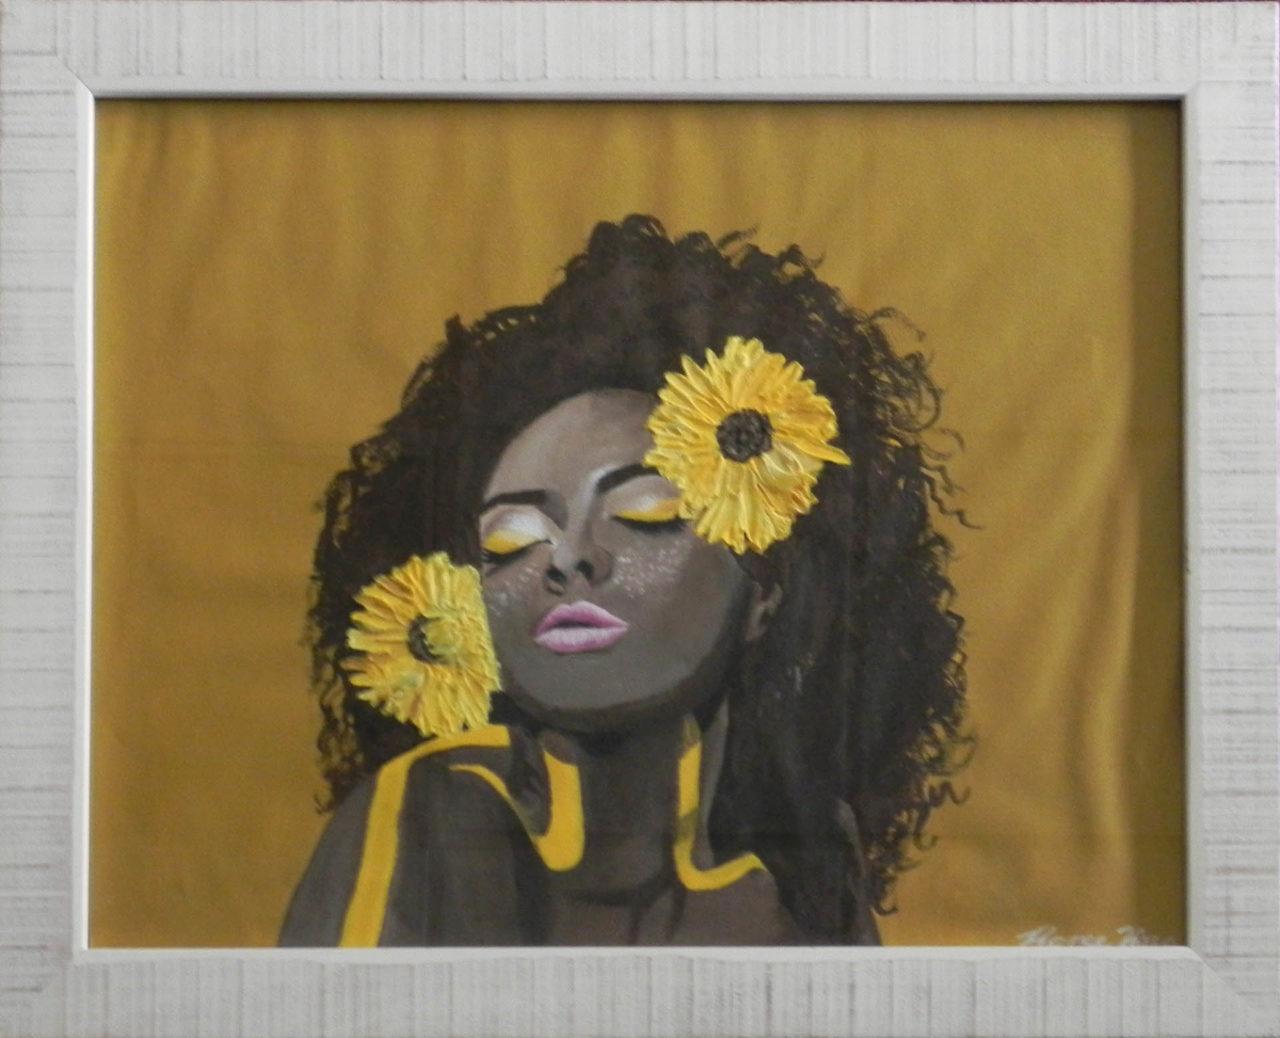 You Are My Sunshine - Renee Haas